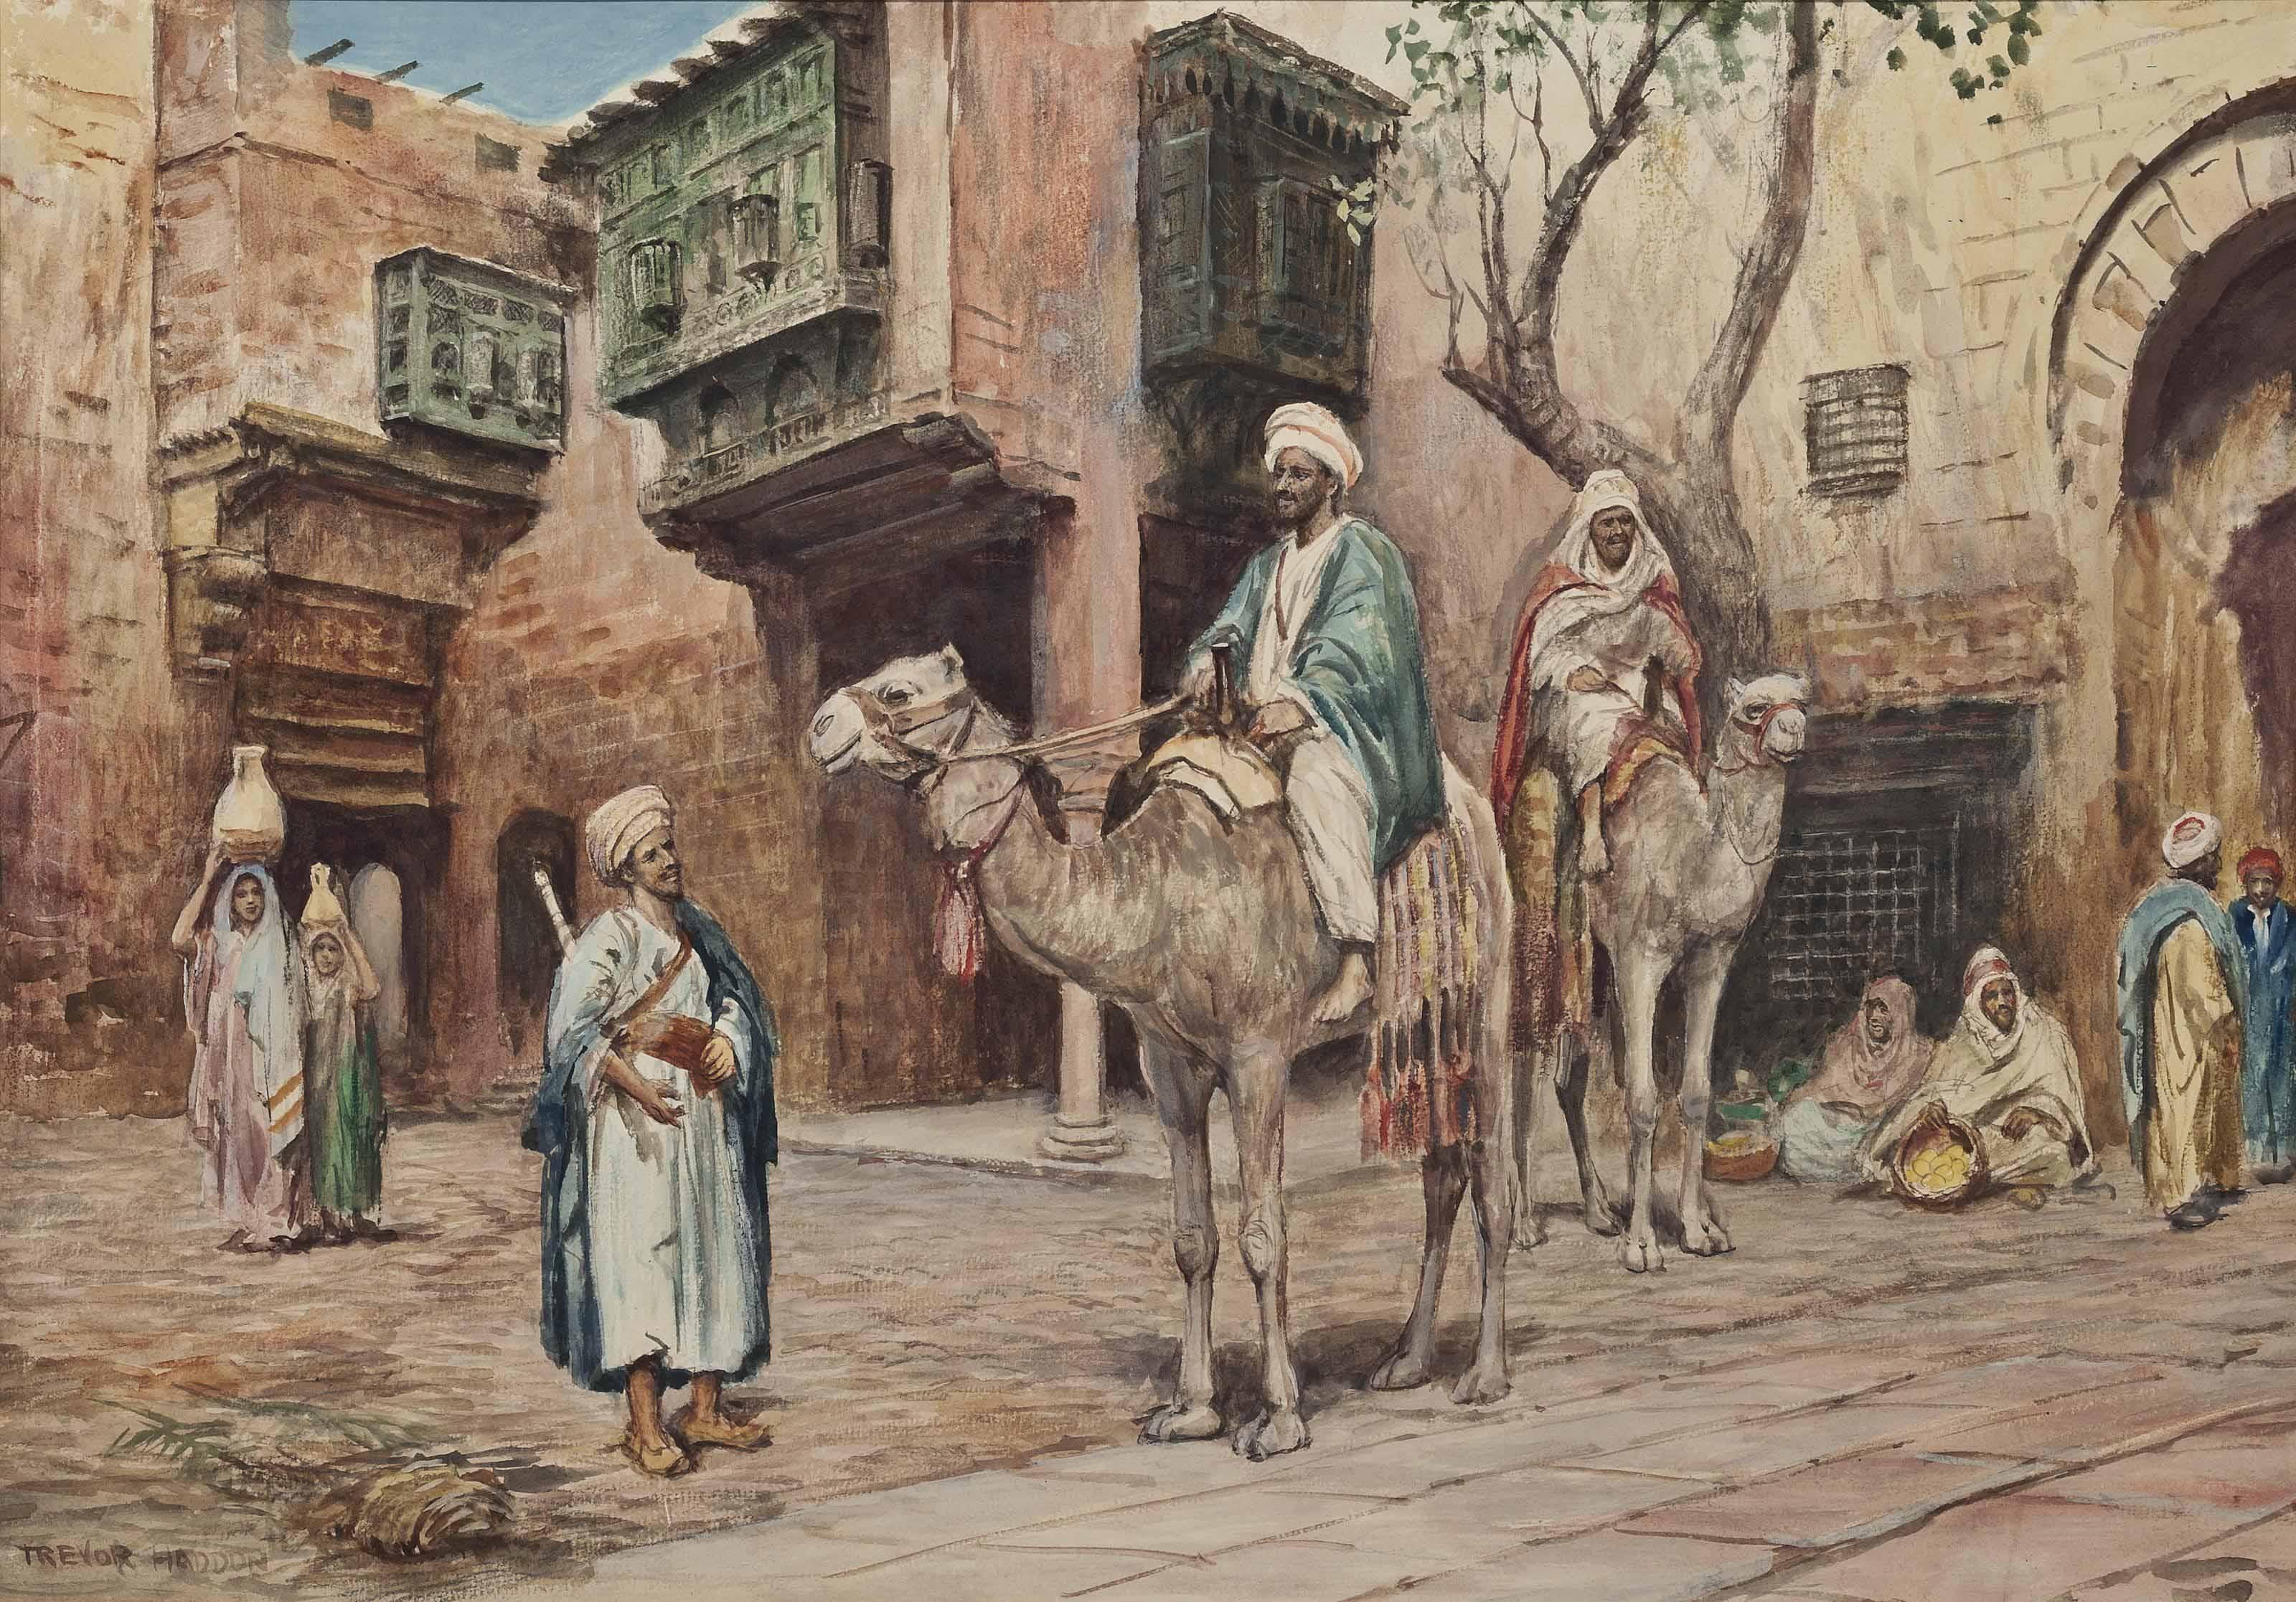 An Arab courtyard